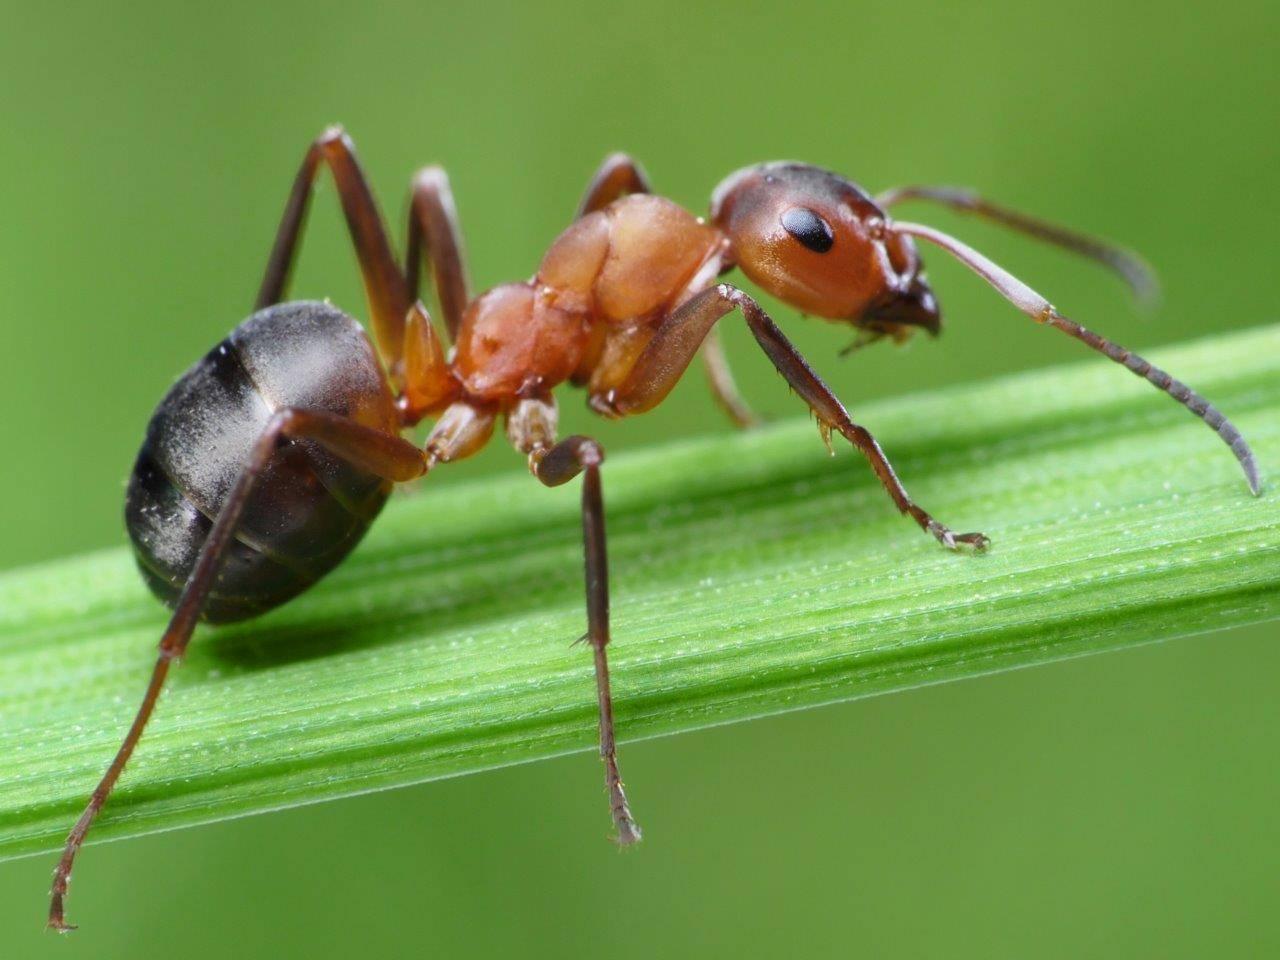 روغن مورچه